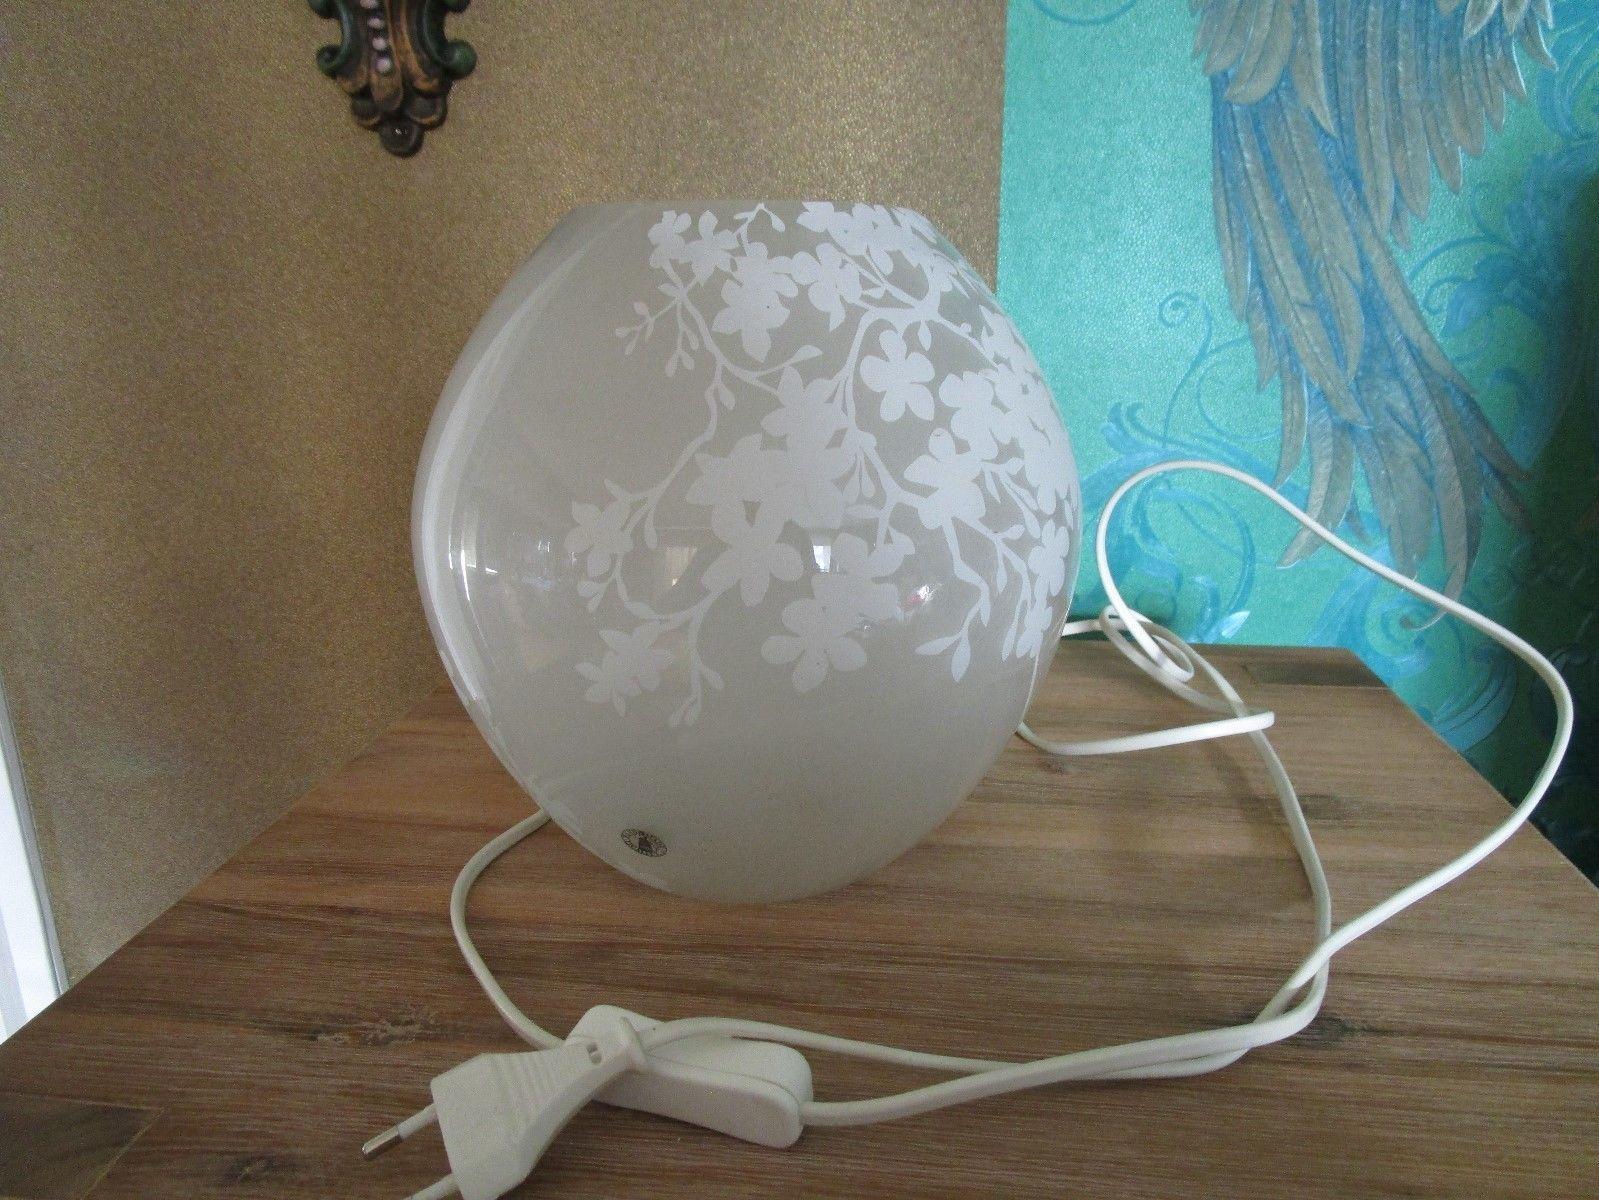 Tischlampe Ikea Weiß Blumen Blüten Glas Lampe Leuchte Eek A